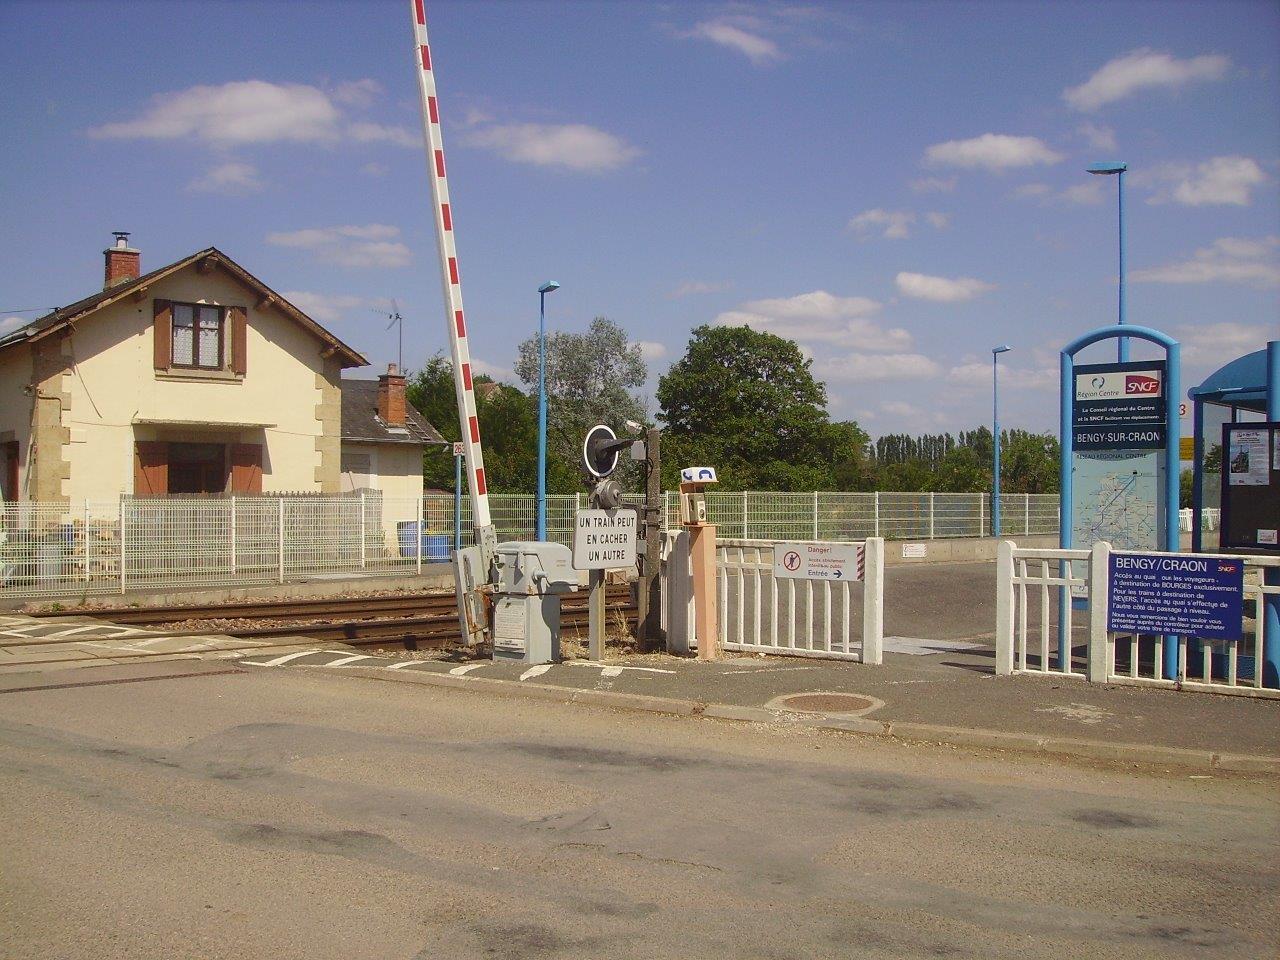 gare-de-bengy-train-station